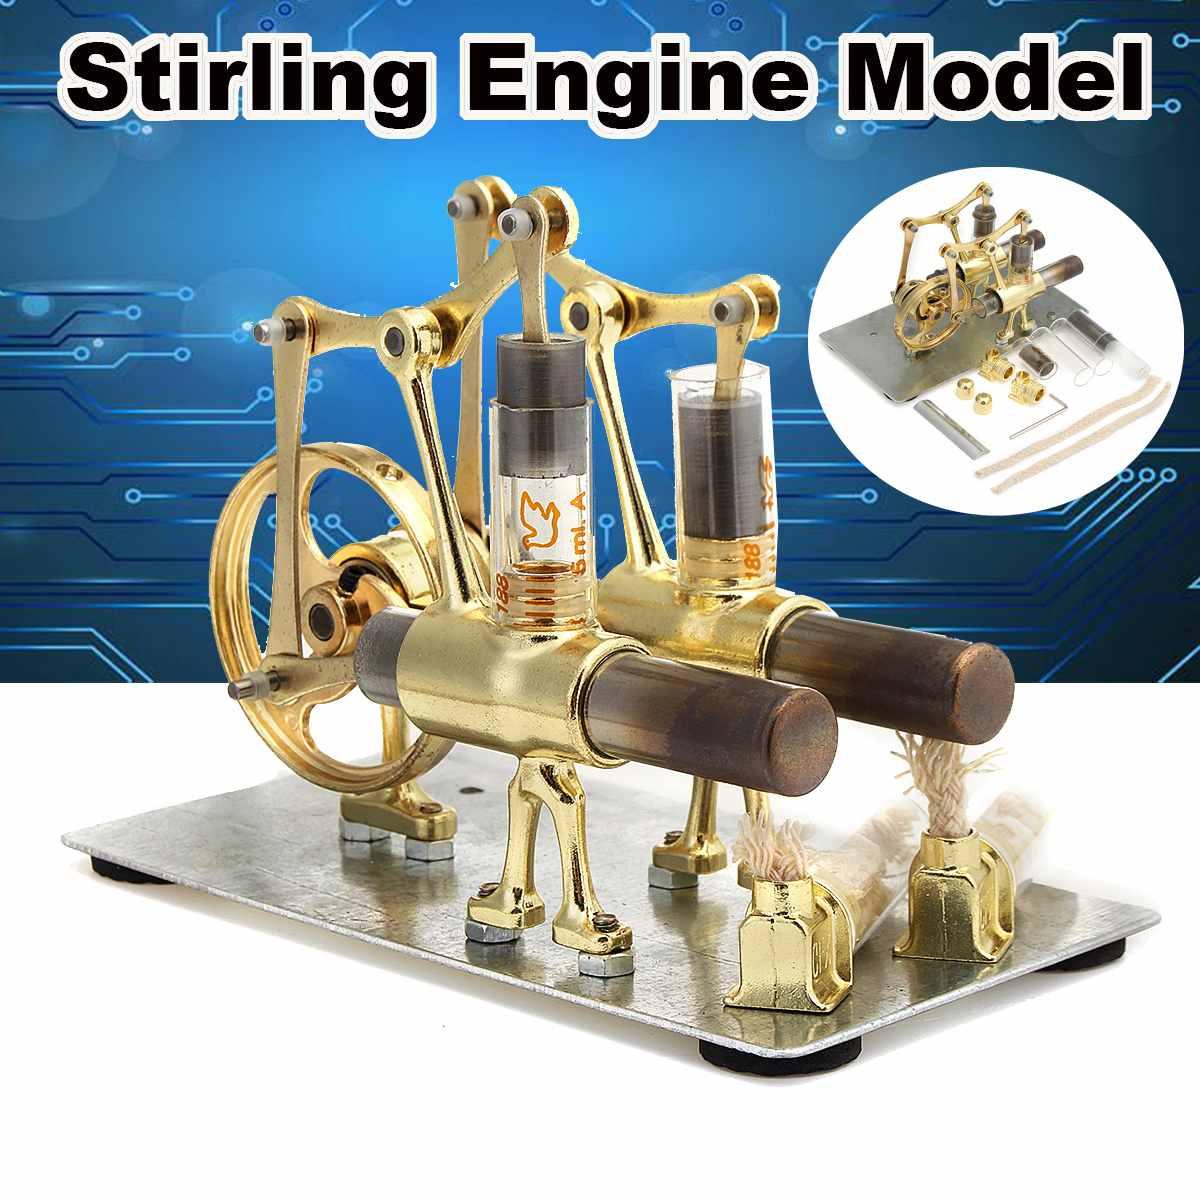 2019 nouveau Kit d'expérimentation de Science de modèle de moteur de moteur d'agitation de Double cylindre réglé pour la Collection de cadeau d'enfants